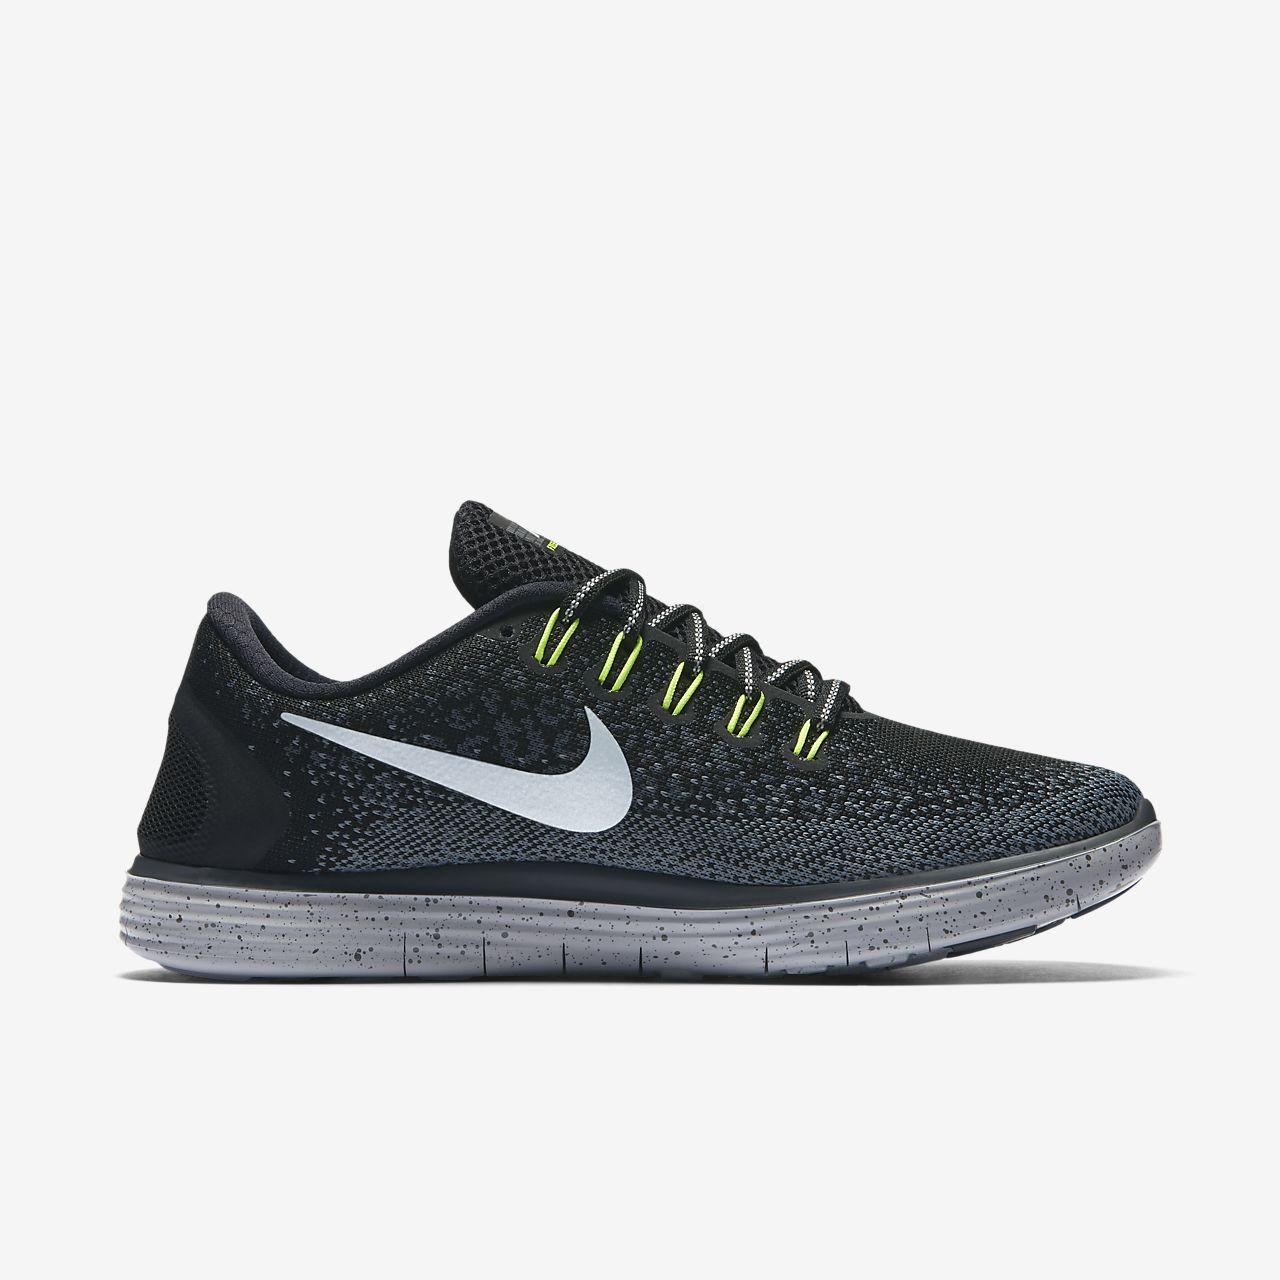 pas cher pour réduction 0566d 36be8 Nike outlet